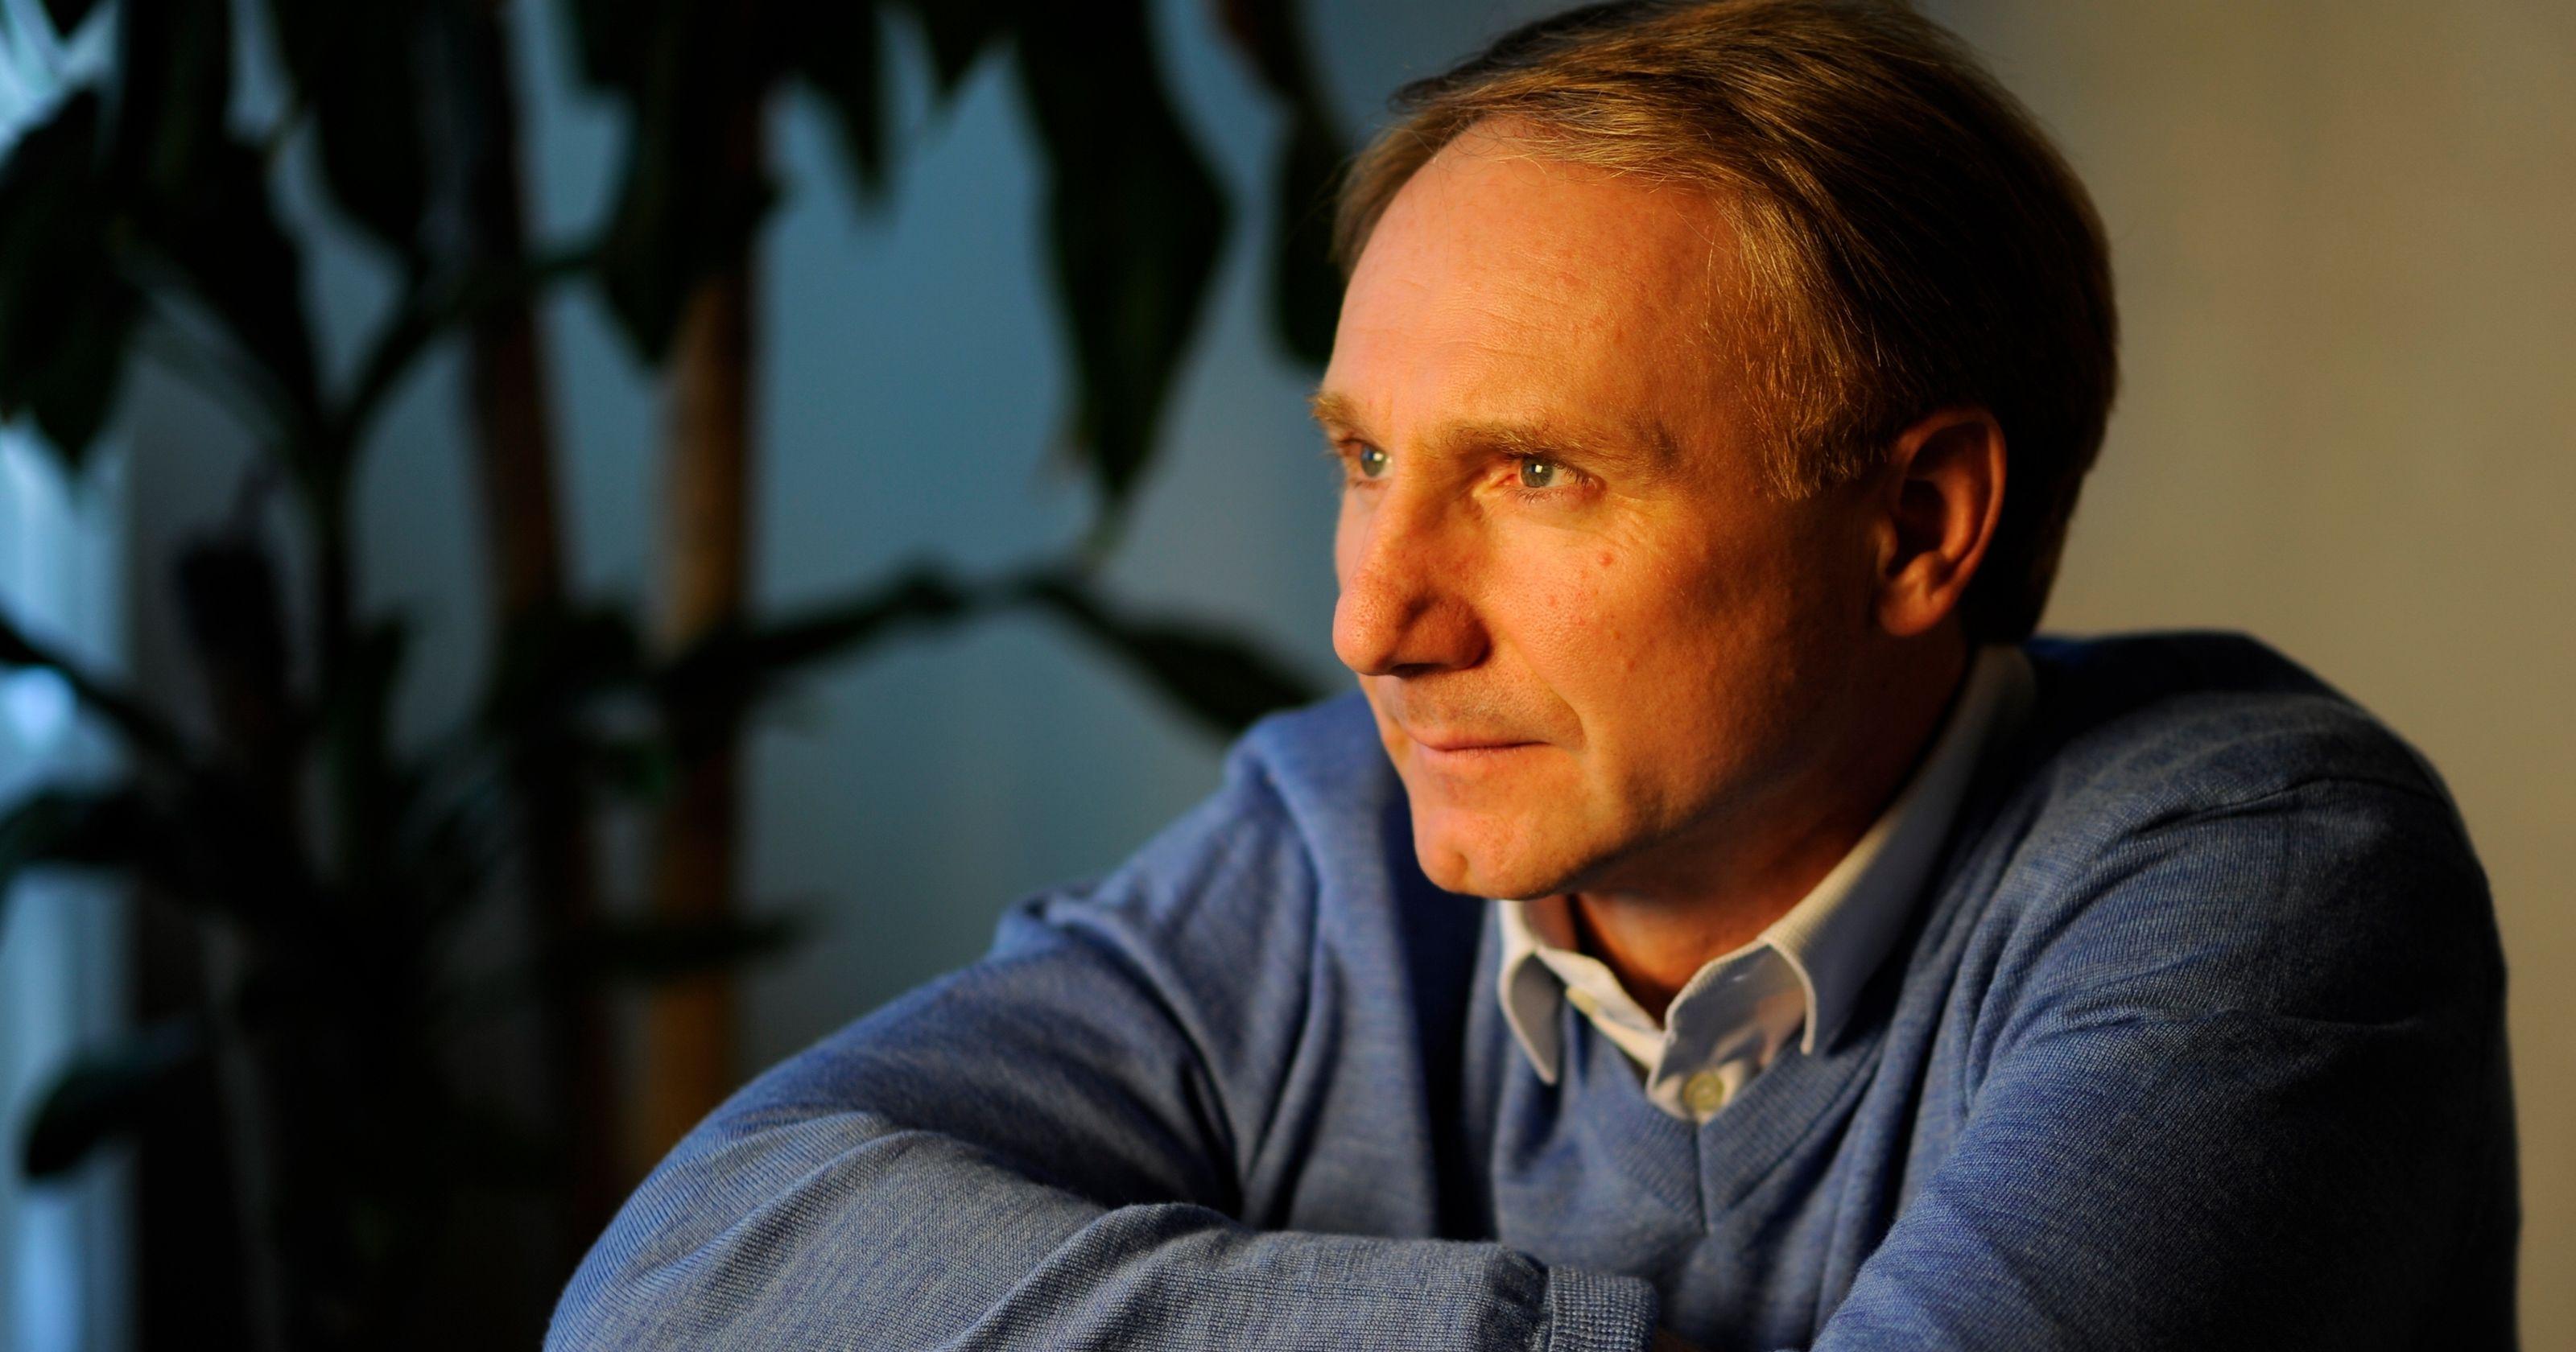 El nuevo libro de Dan Brown, Origin, llegará en 2017